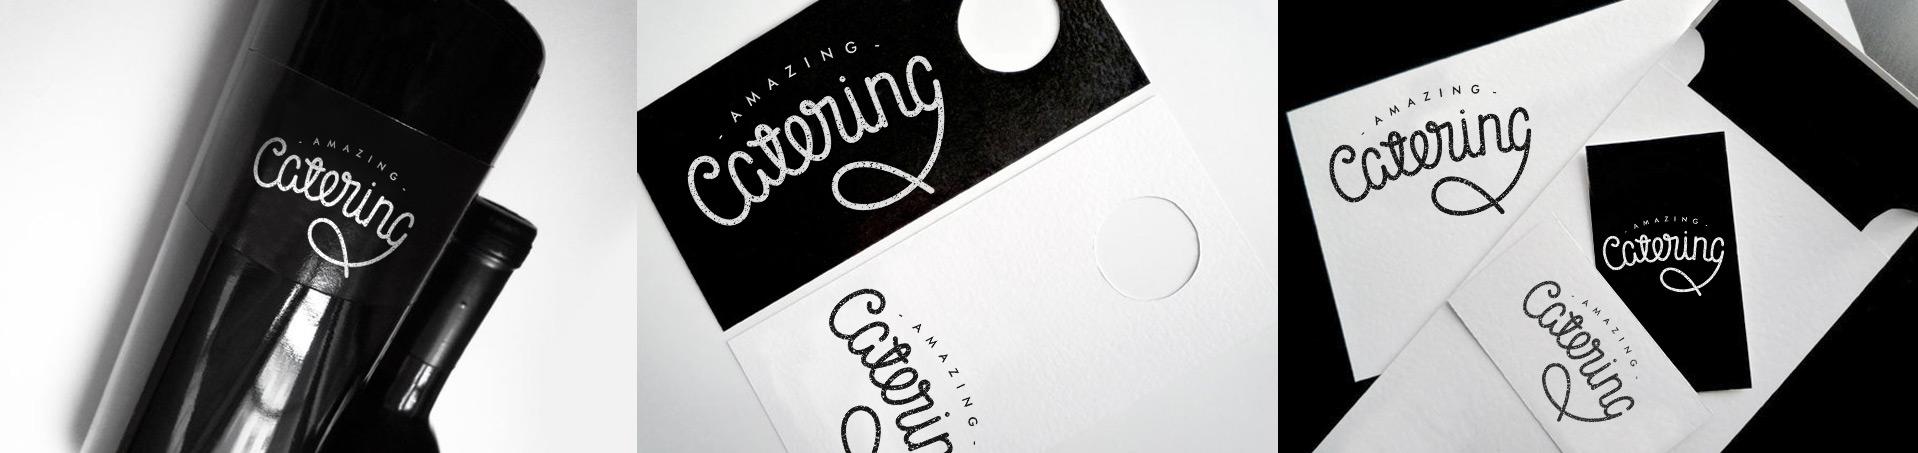 Дизайн-носителей-фирменного-стиля-amazing-catering-в-стиле-леттеринг